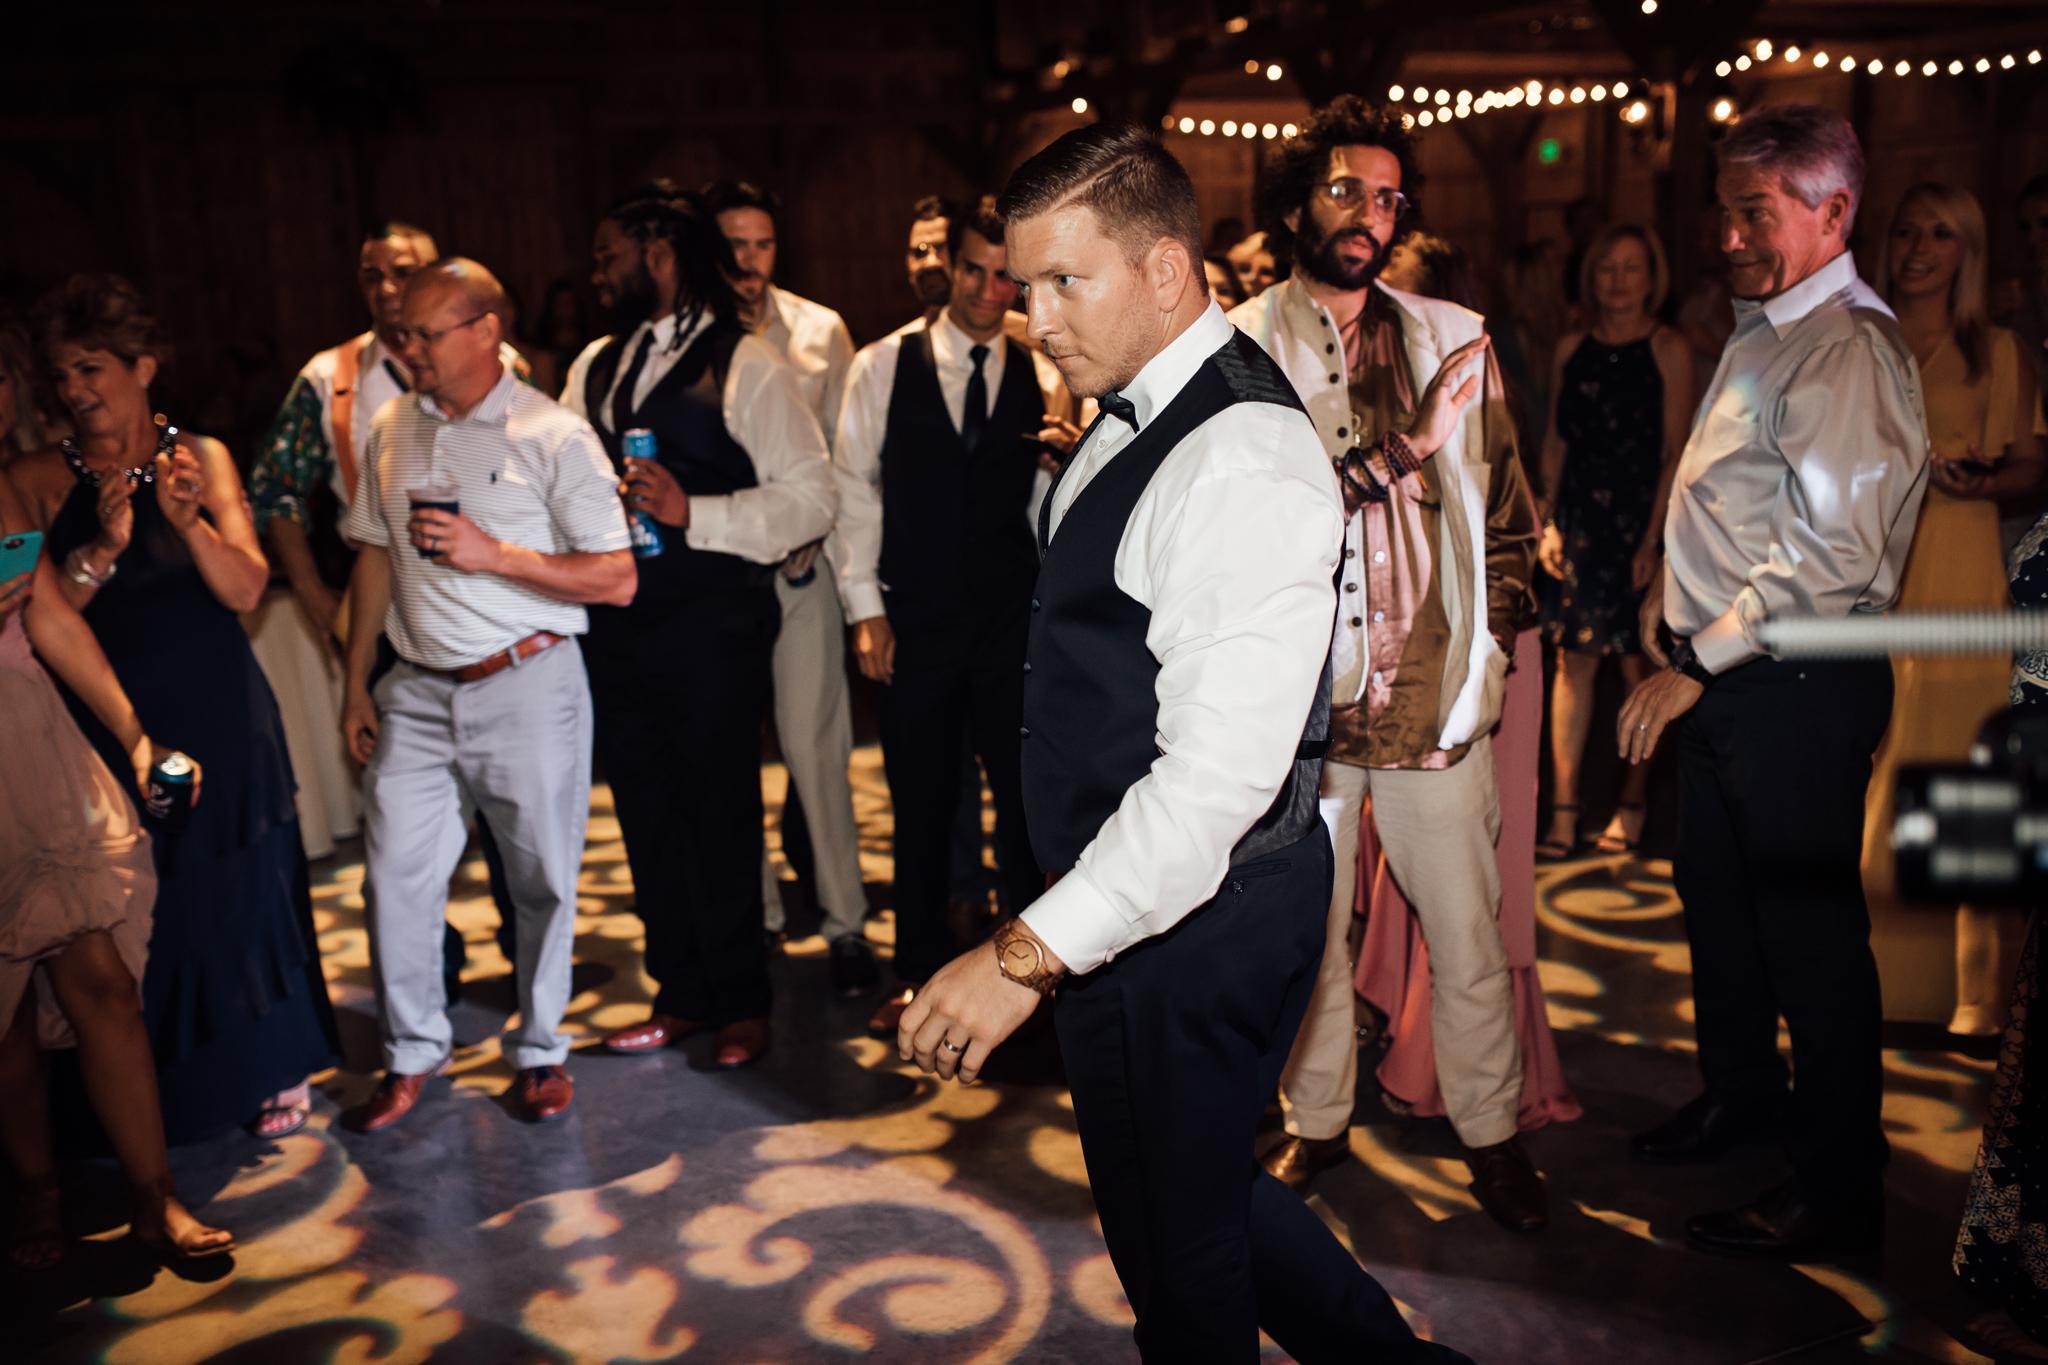 saddlewoodsfarms-nashville-wedding-photographer-thewarmtharoundyou-rustic-wedding (88 of 251).jpg